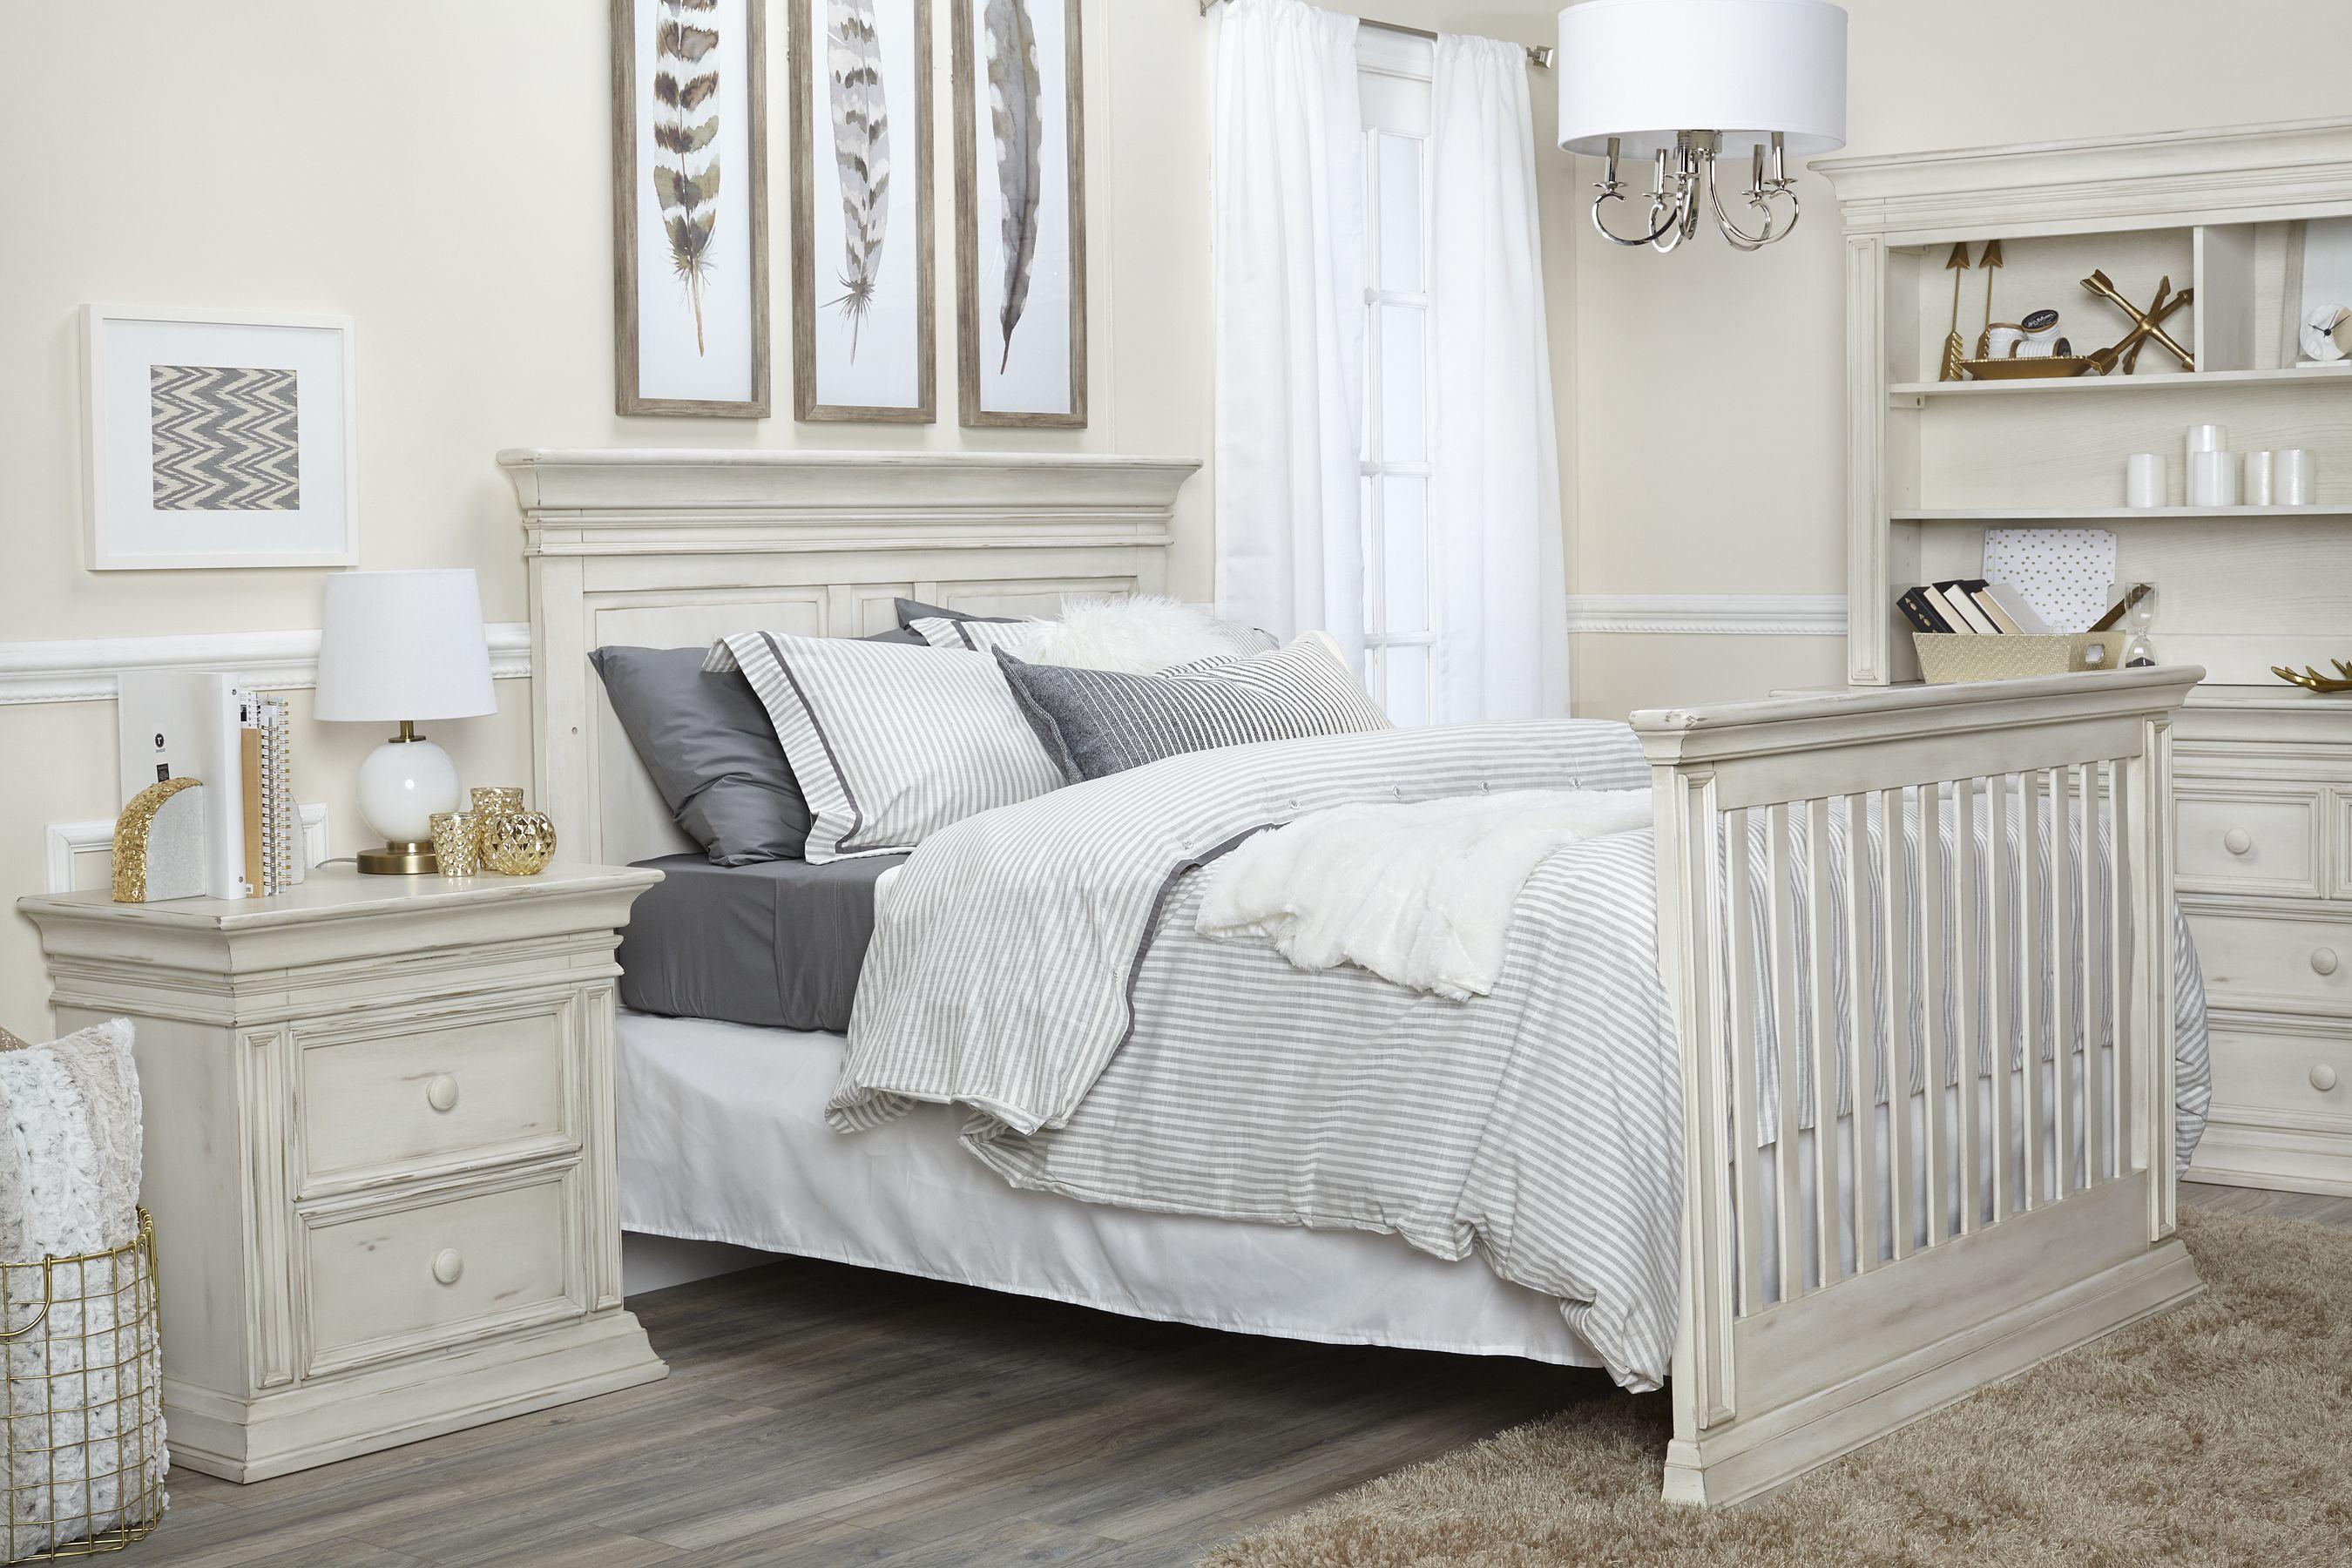 Baby Cache Vienna Full Bed In Antique White Babycache Crib